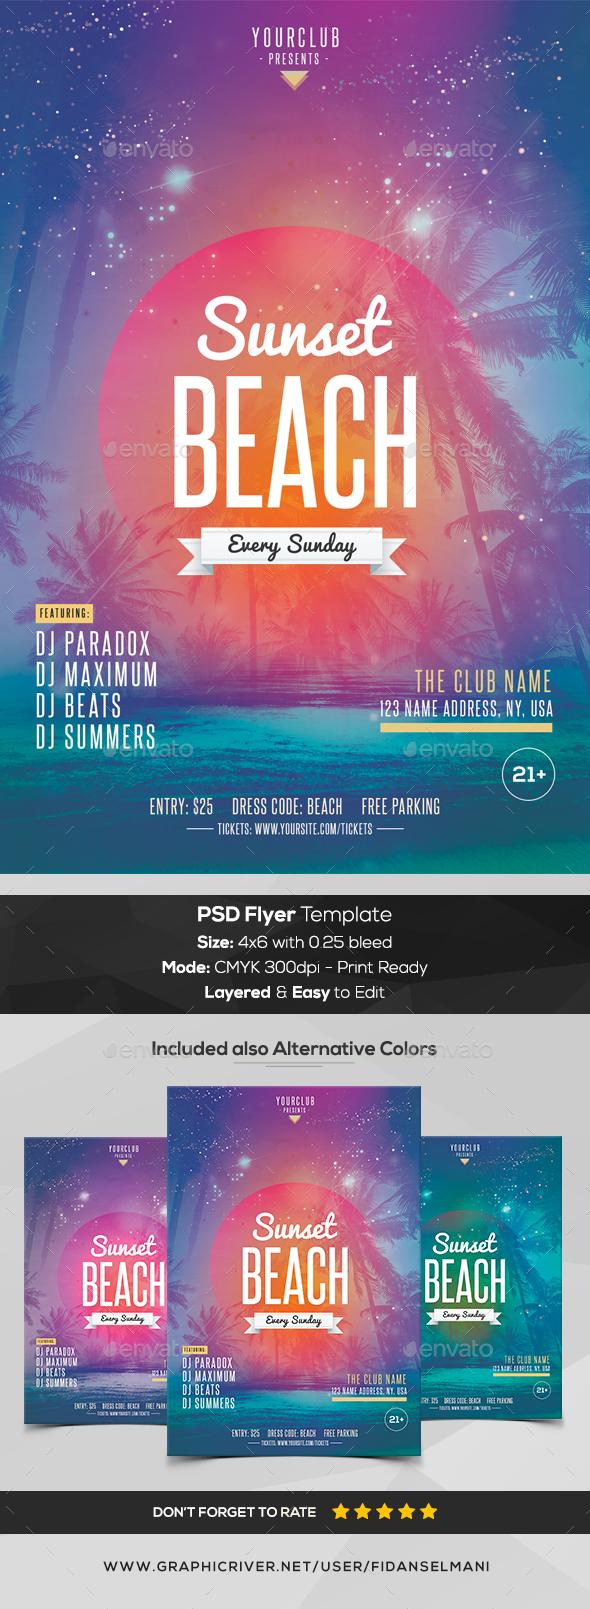 Sunset Beach - PSD Flyer Template - Events Flyers